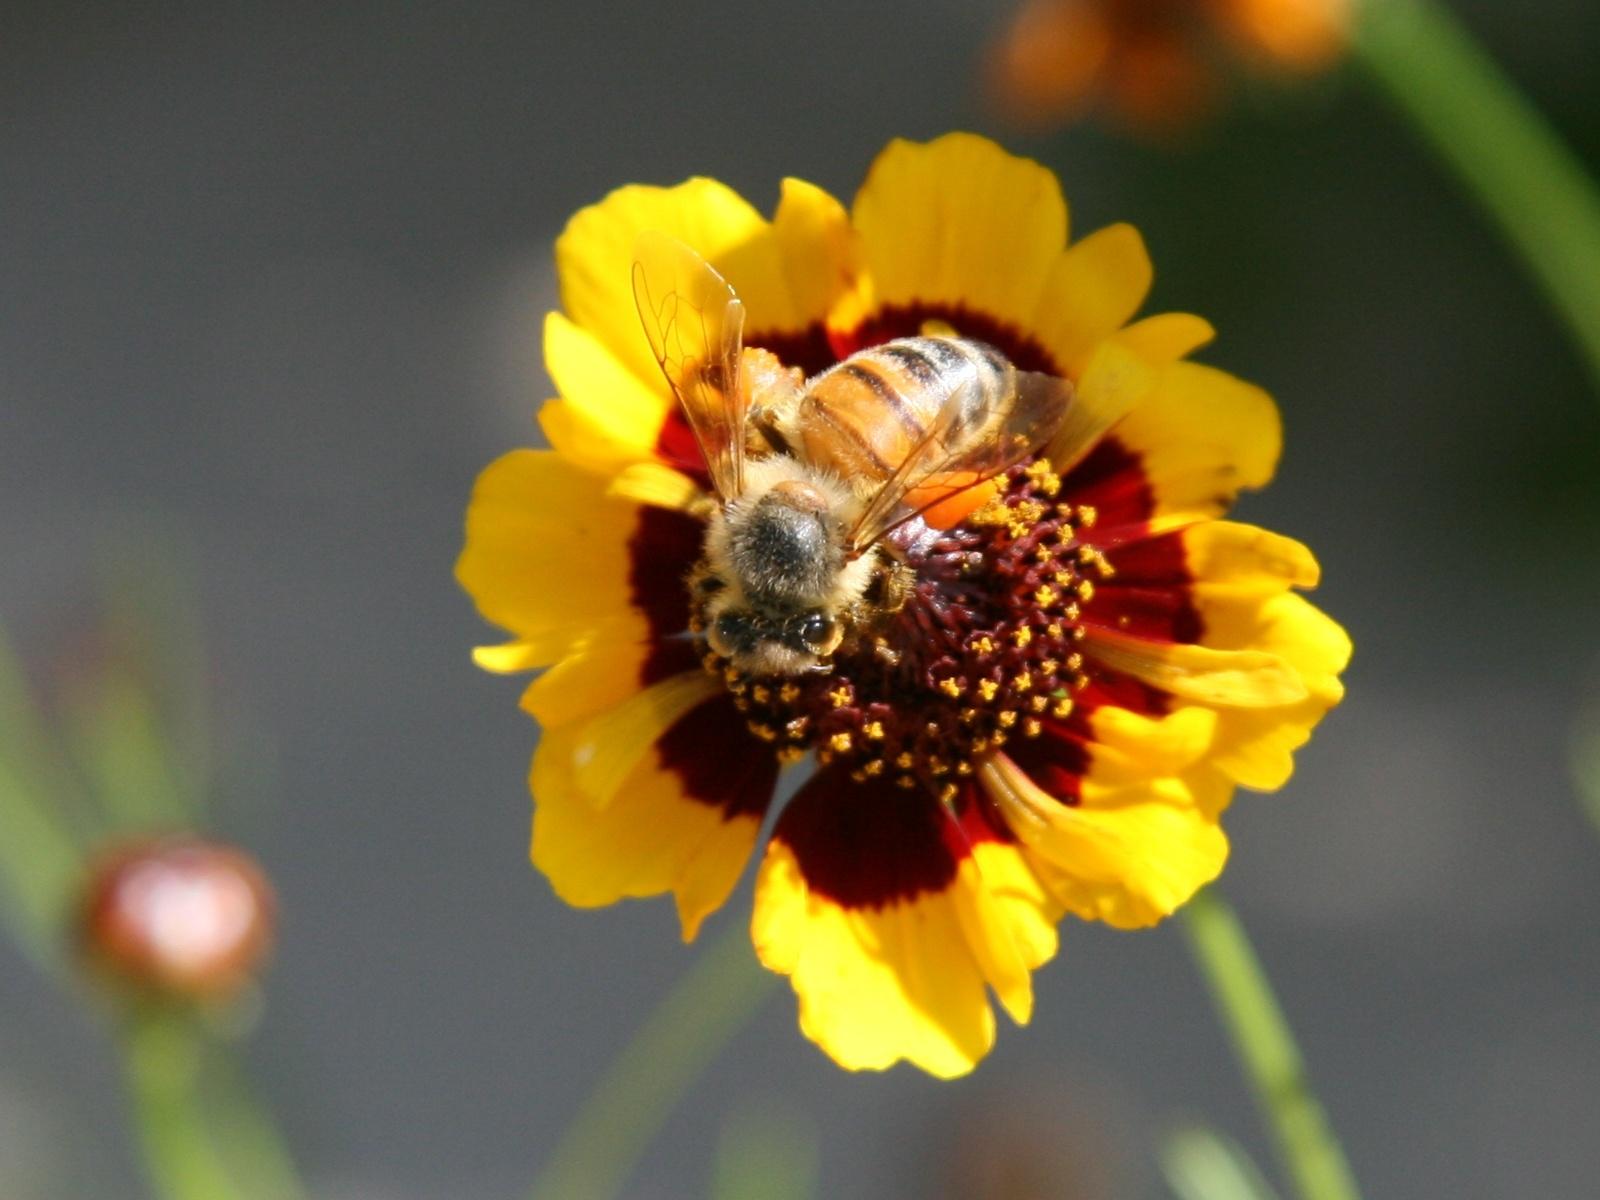 bee on flower photo.jpg